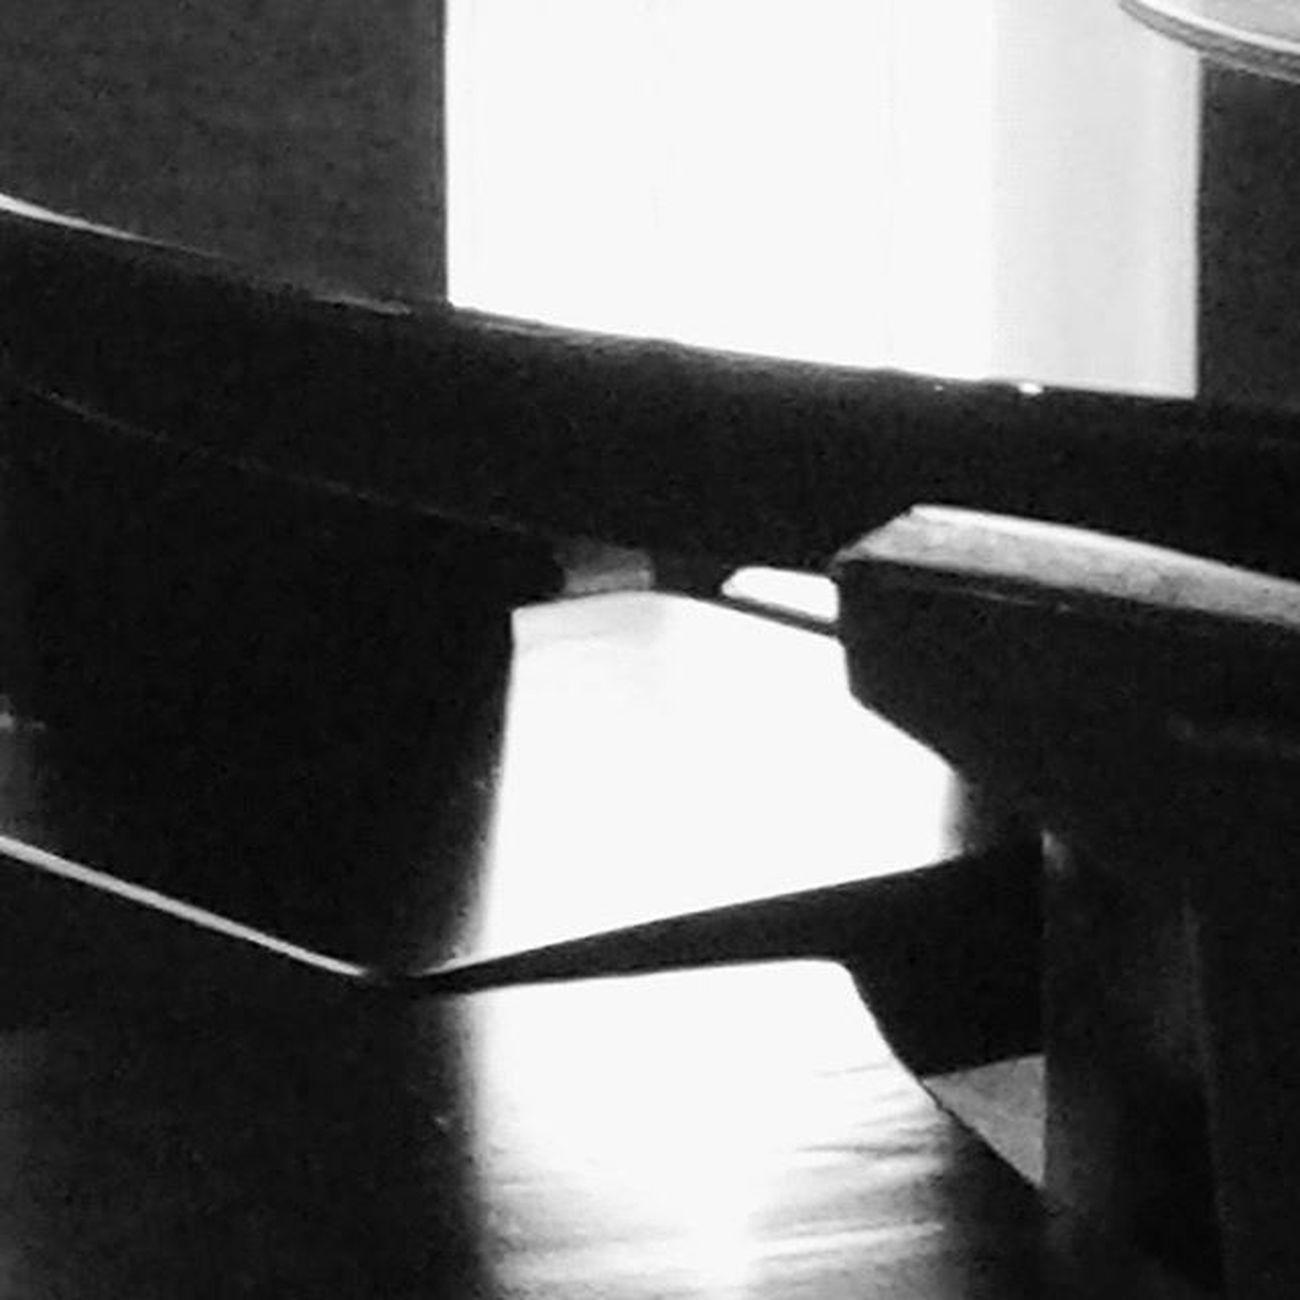 Dimensiones paralelas. Monochrome Monocromo Paisajeinterior Inscape indoor mindscape psiconauta psychonaut nomada granada